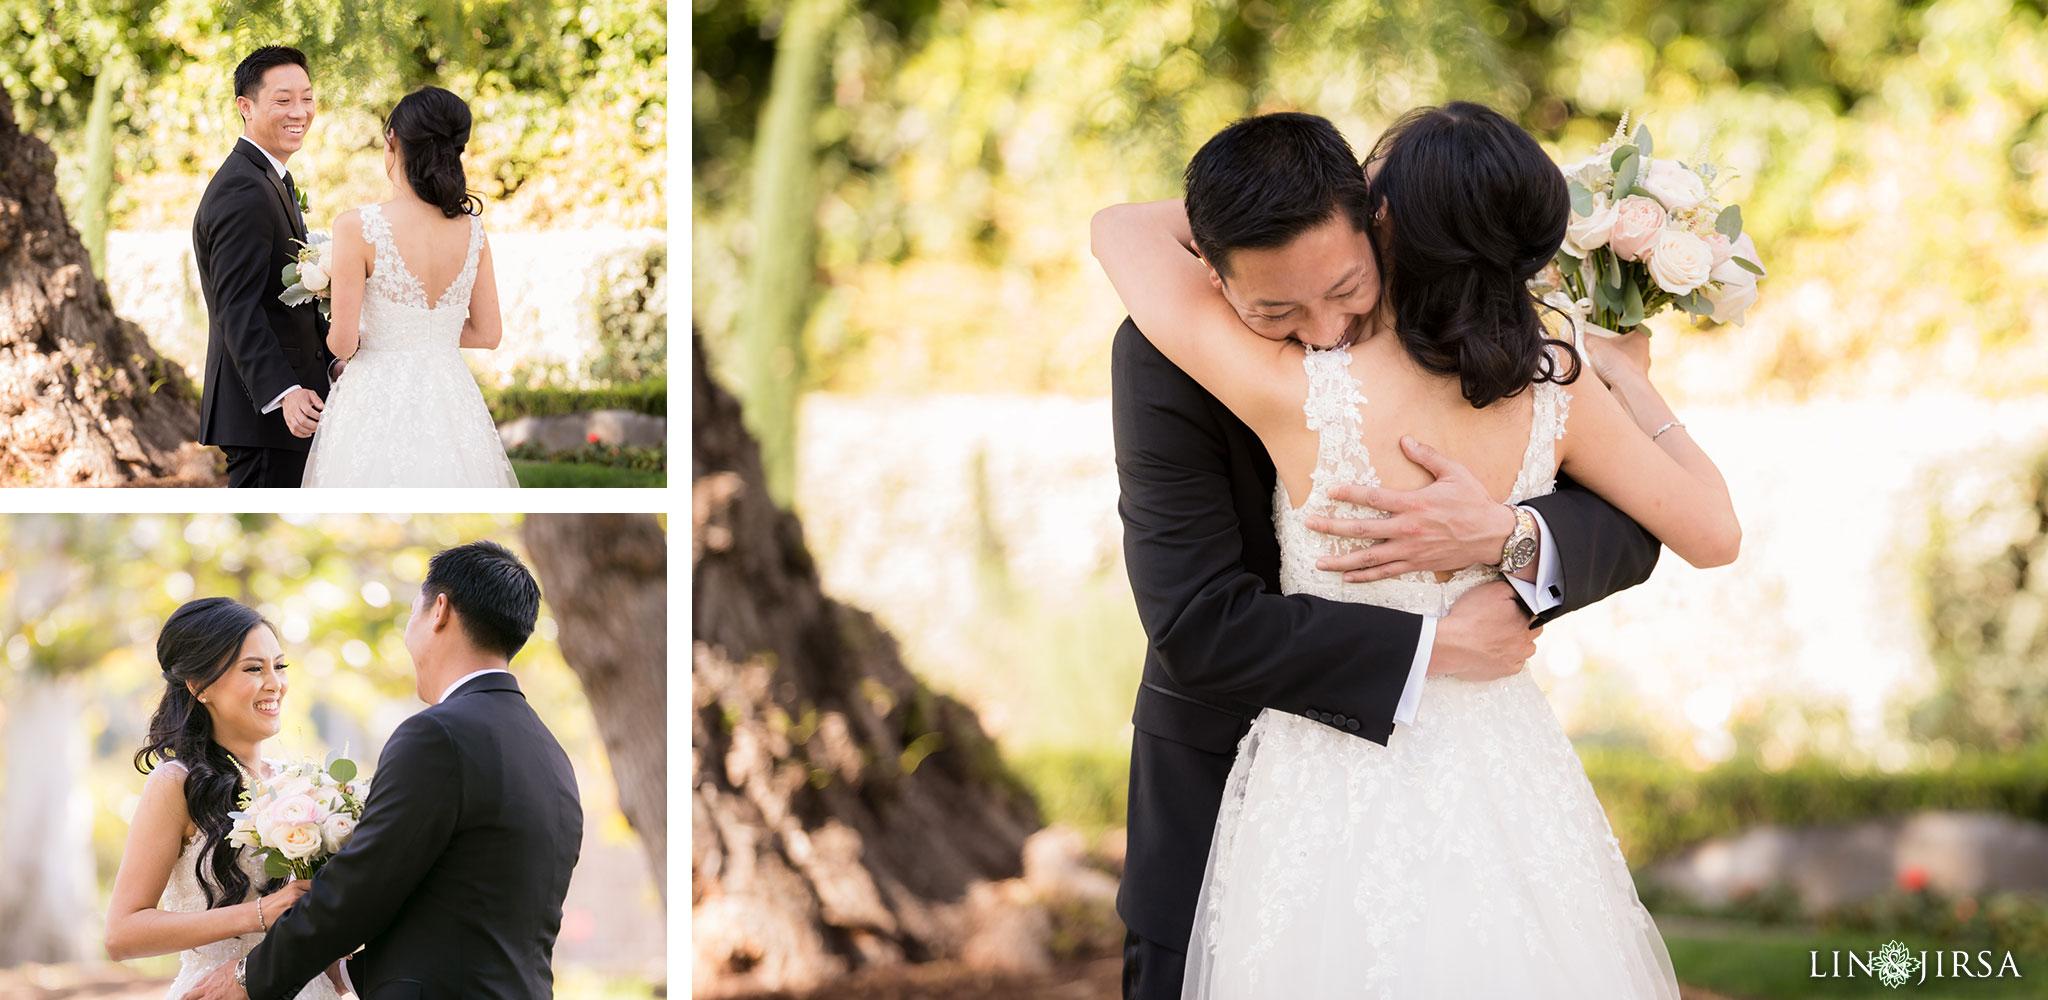 09 richard nixon library wedding photography